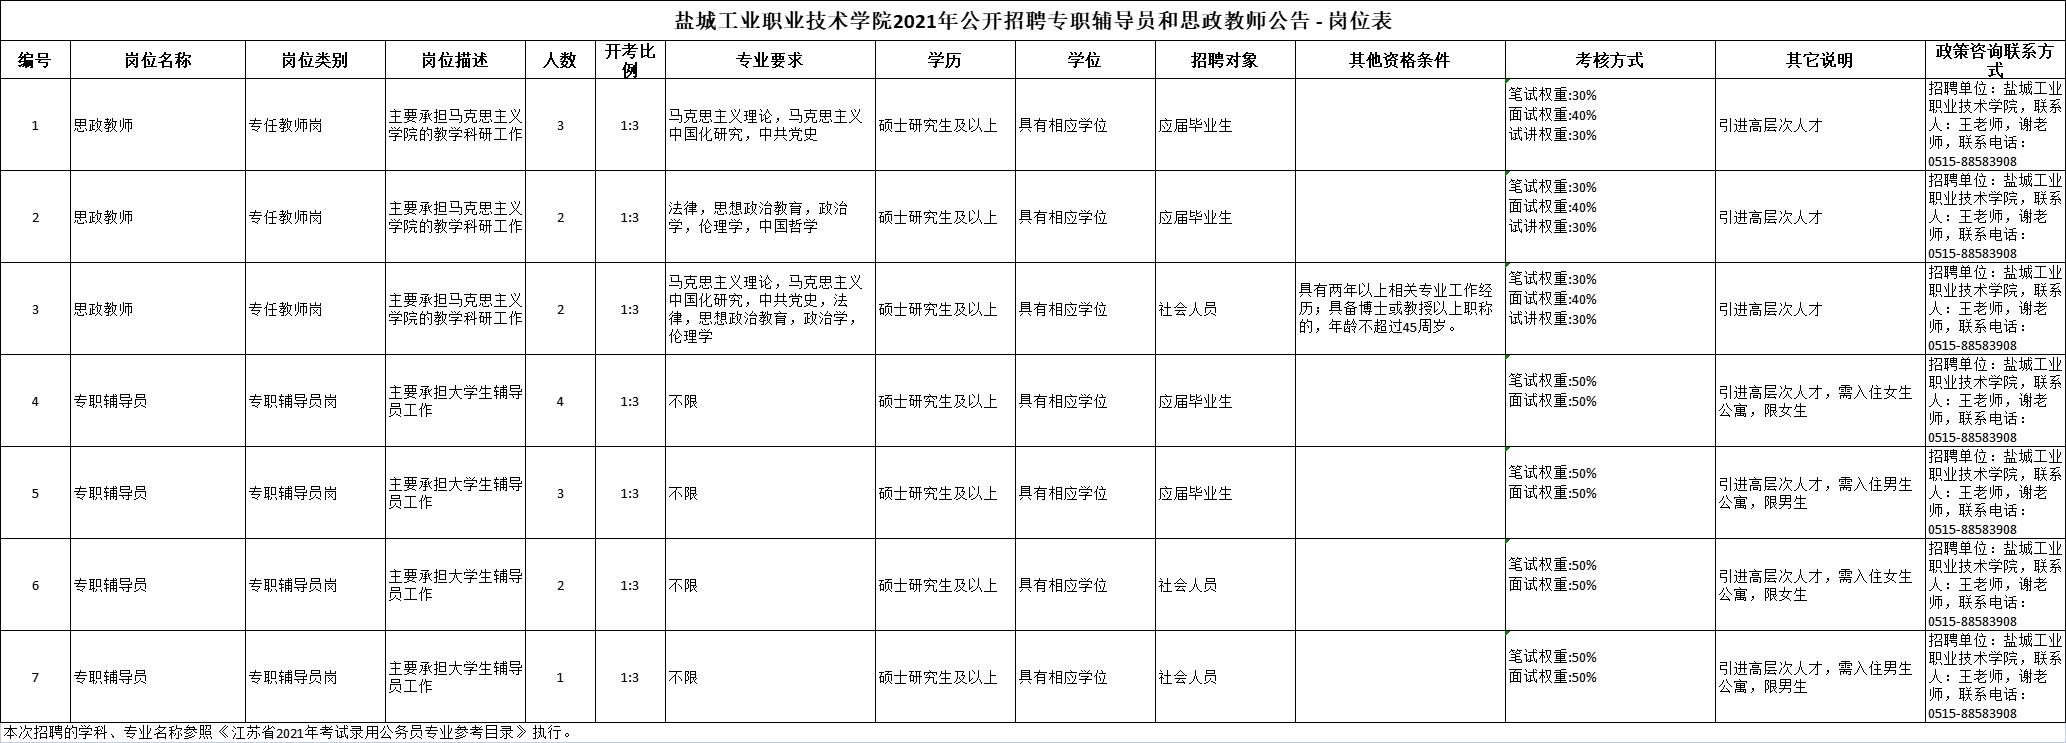 江苏盐城工业职业技术学院招聘专职辅导员和思政教师公告